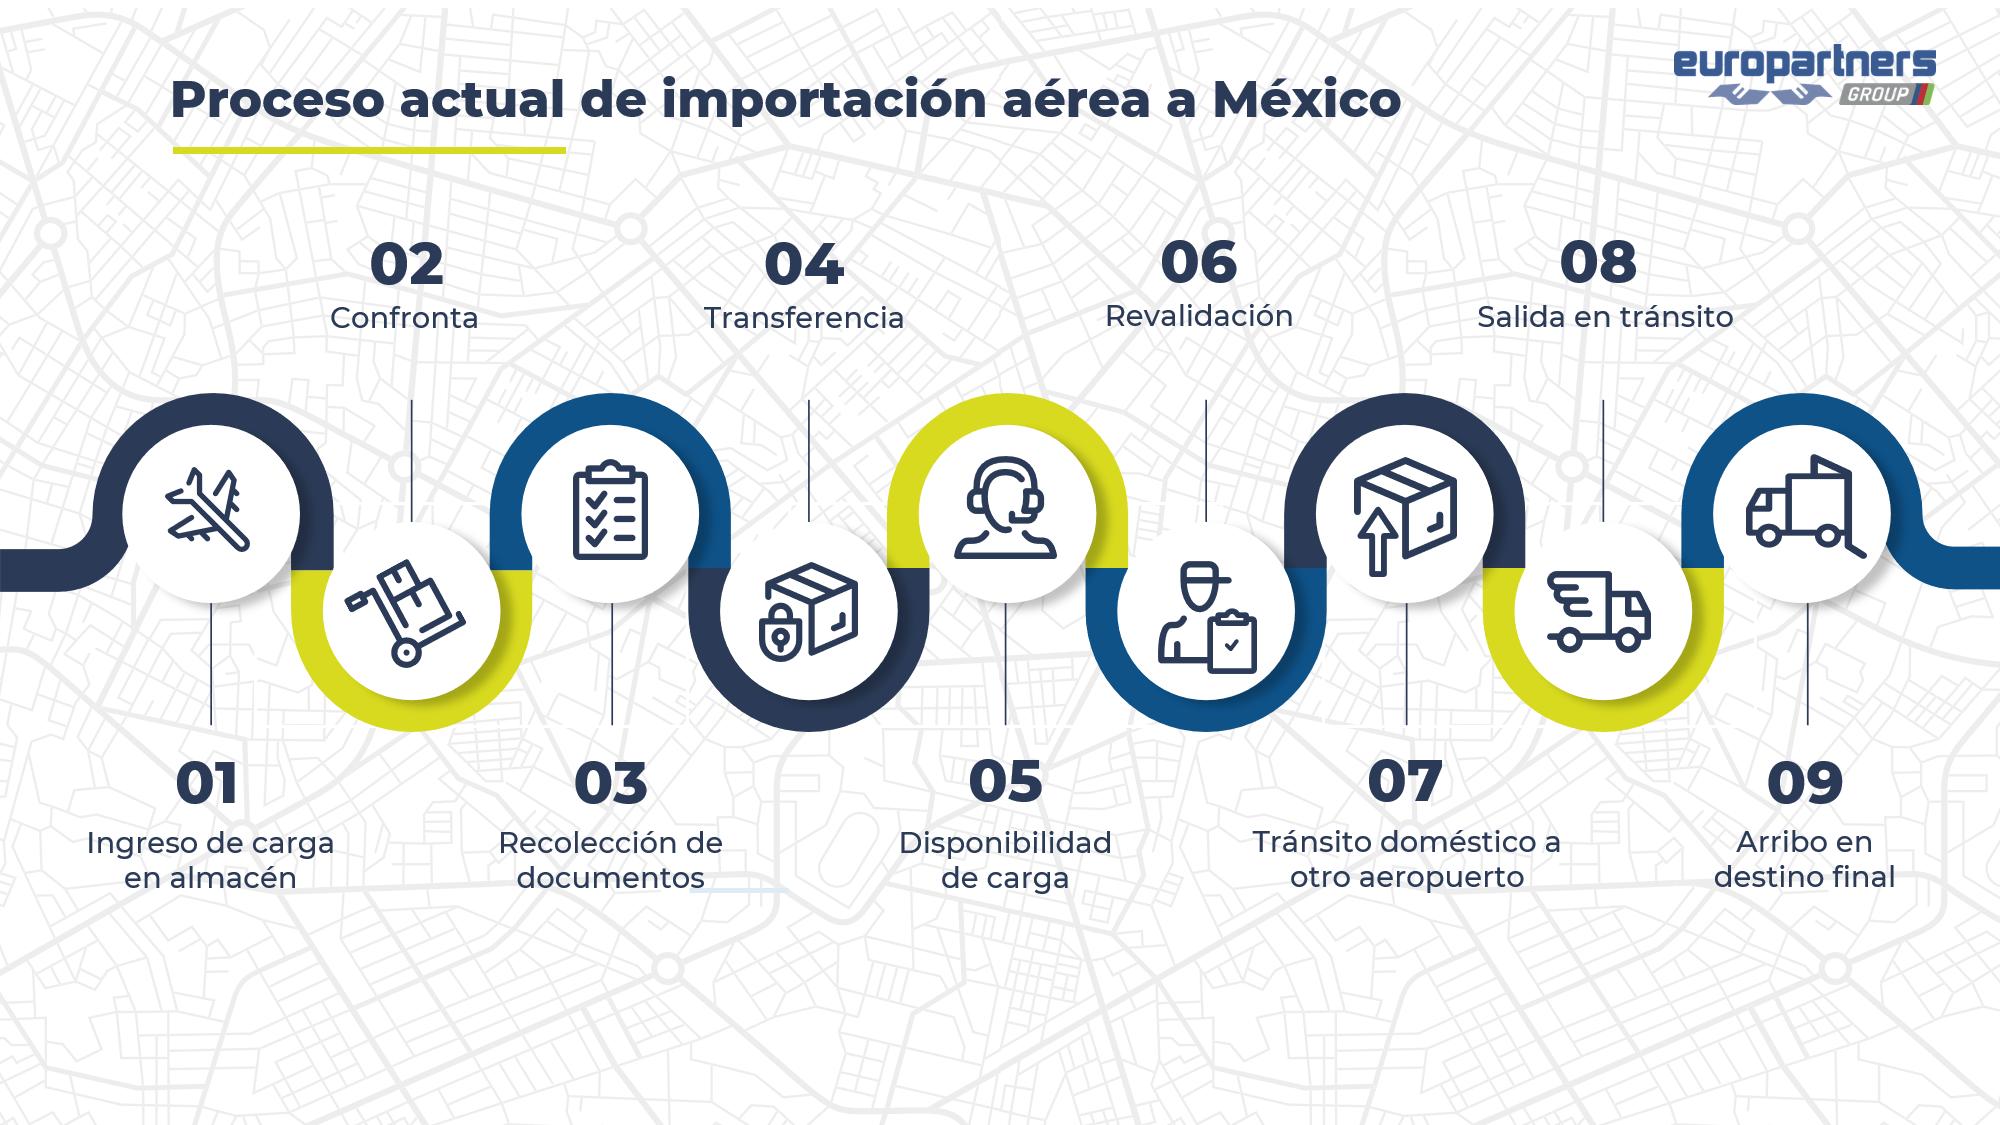 Gráfica que ilusta el proceso actual de importación a México. Lo detallaremos a continuación.